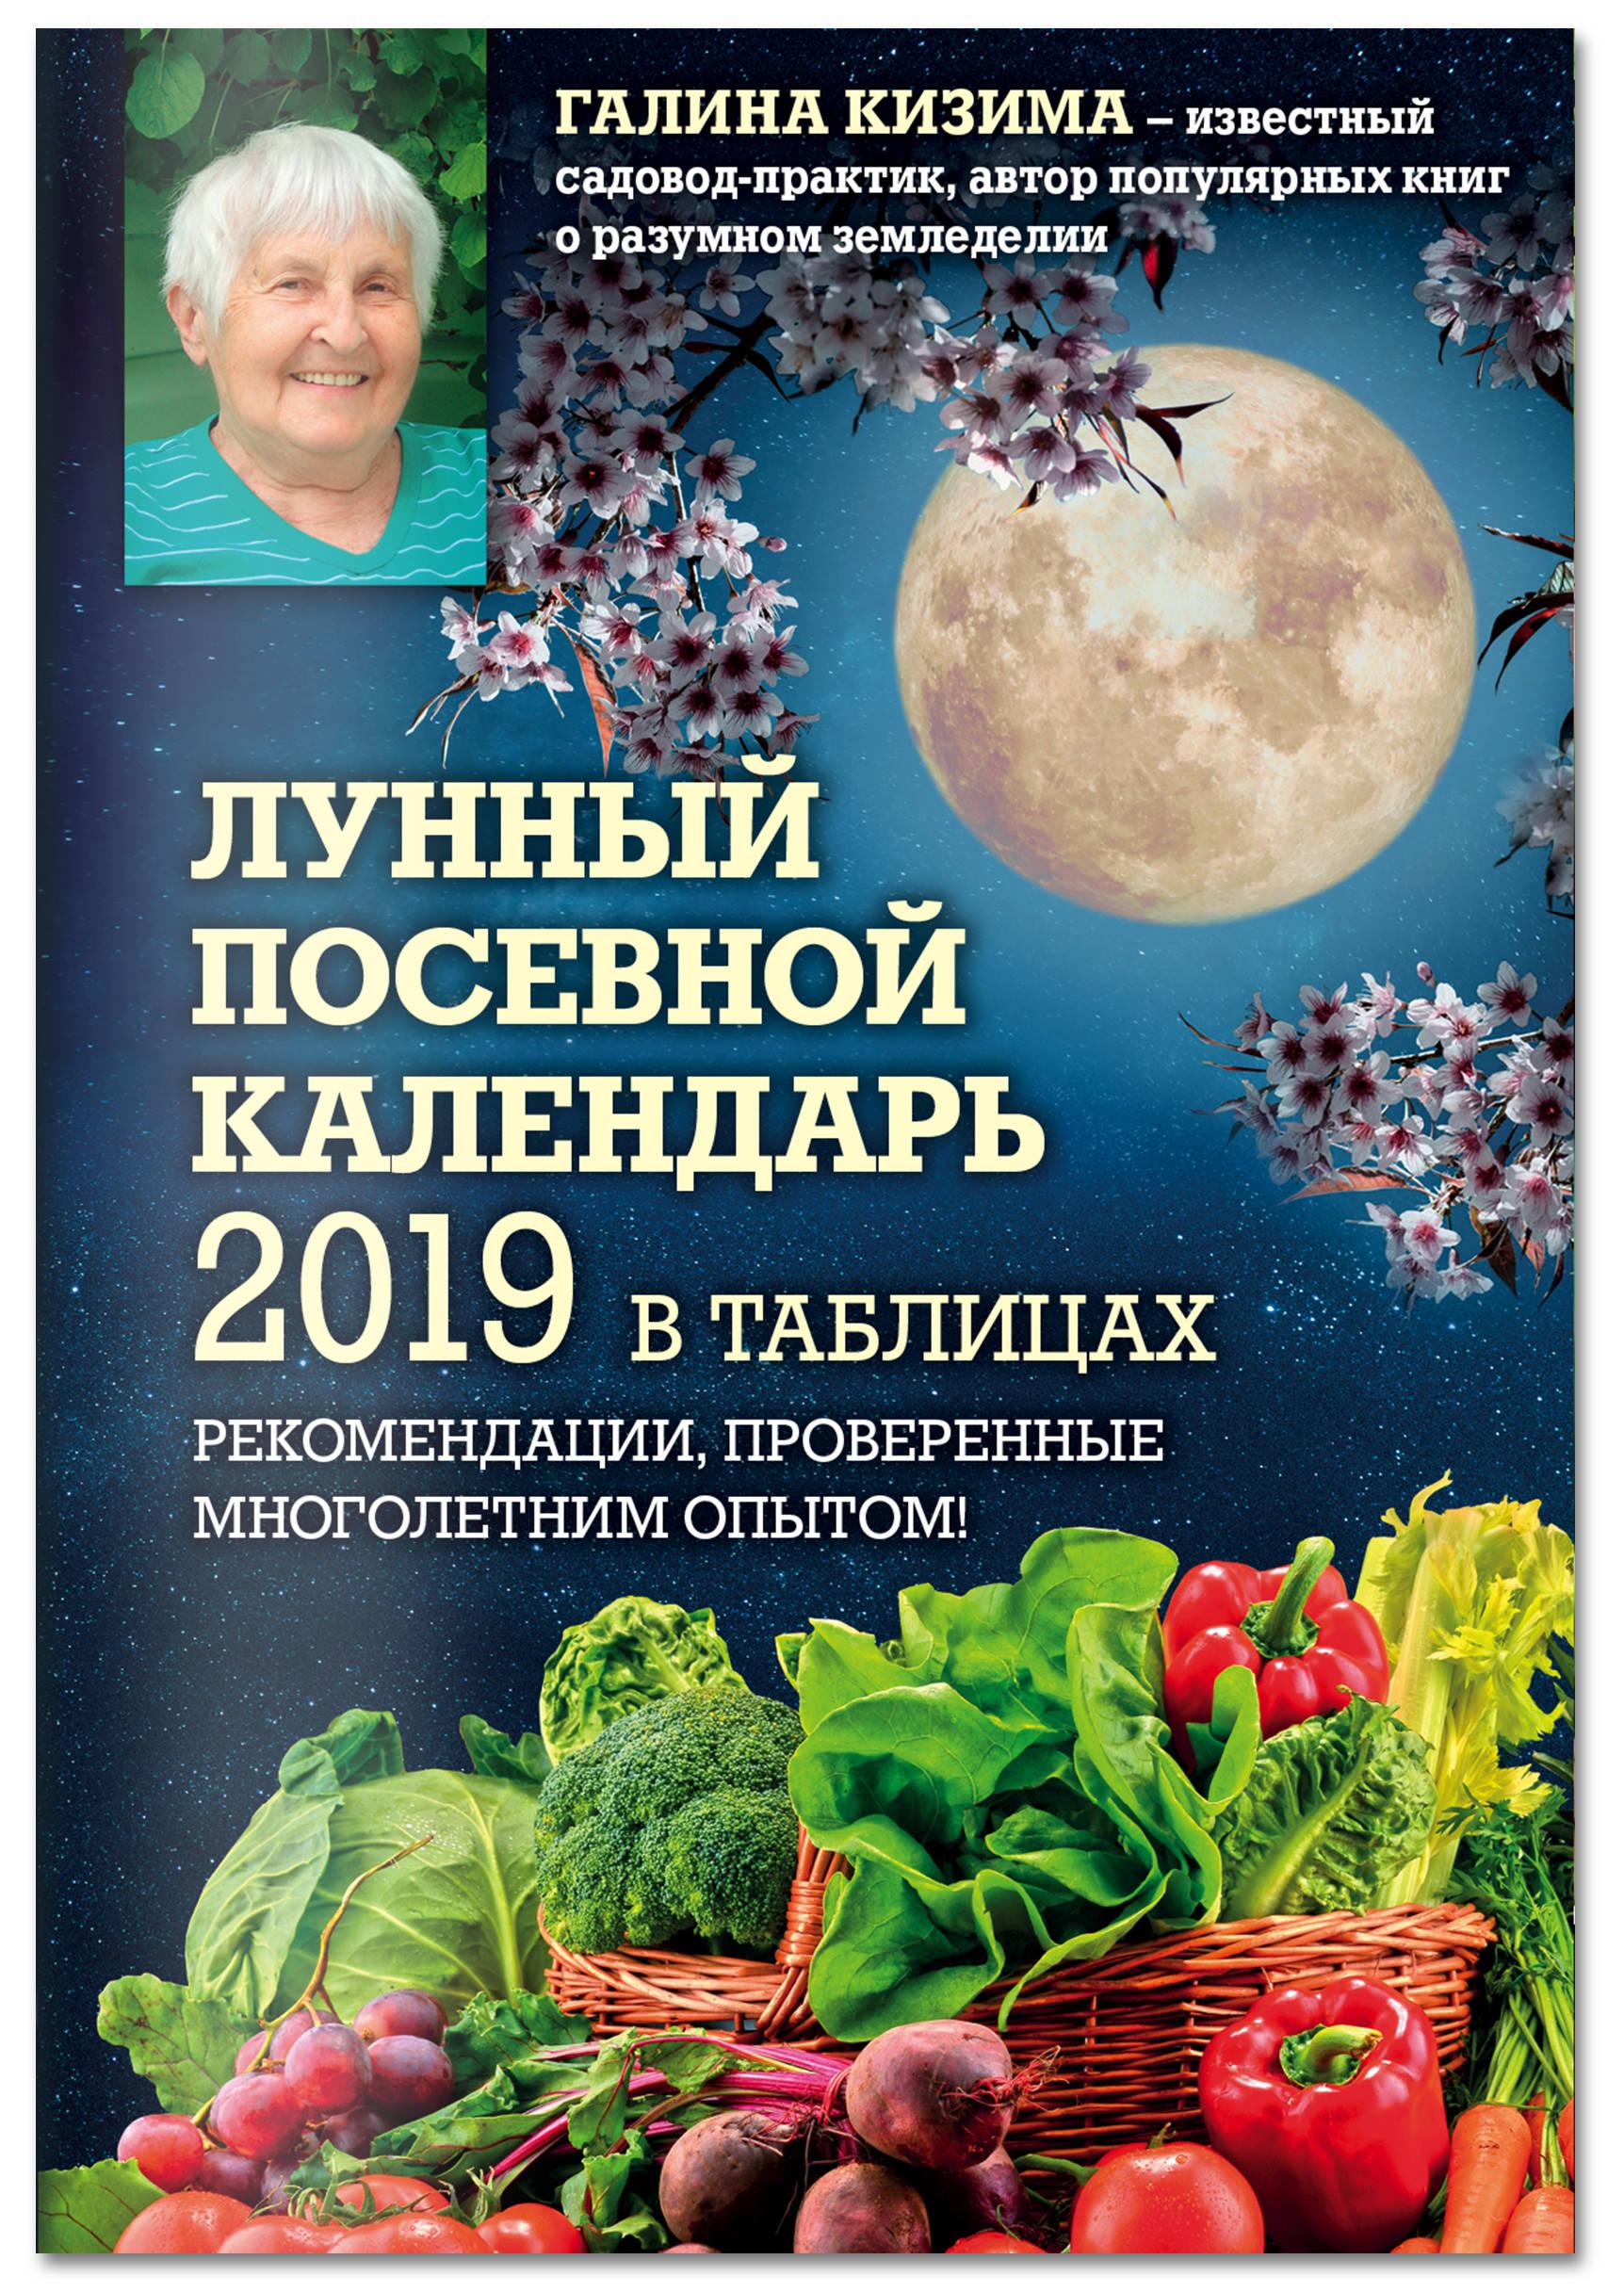 Лунный посевной календарь 2019 в таблицах. Рекомендации, проверенные многолетним опытом ( Галина Кизима  )